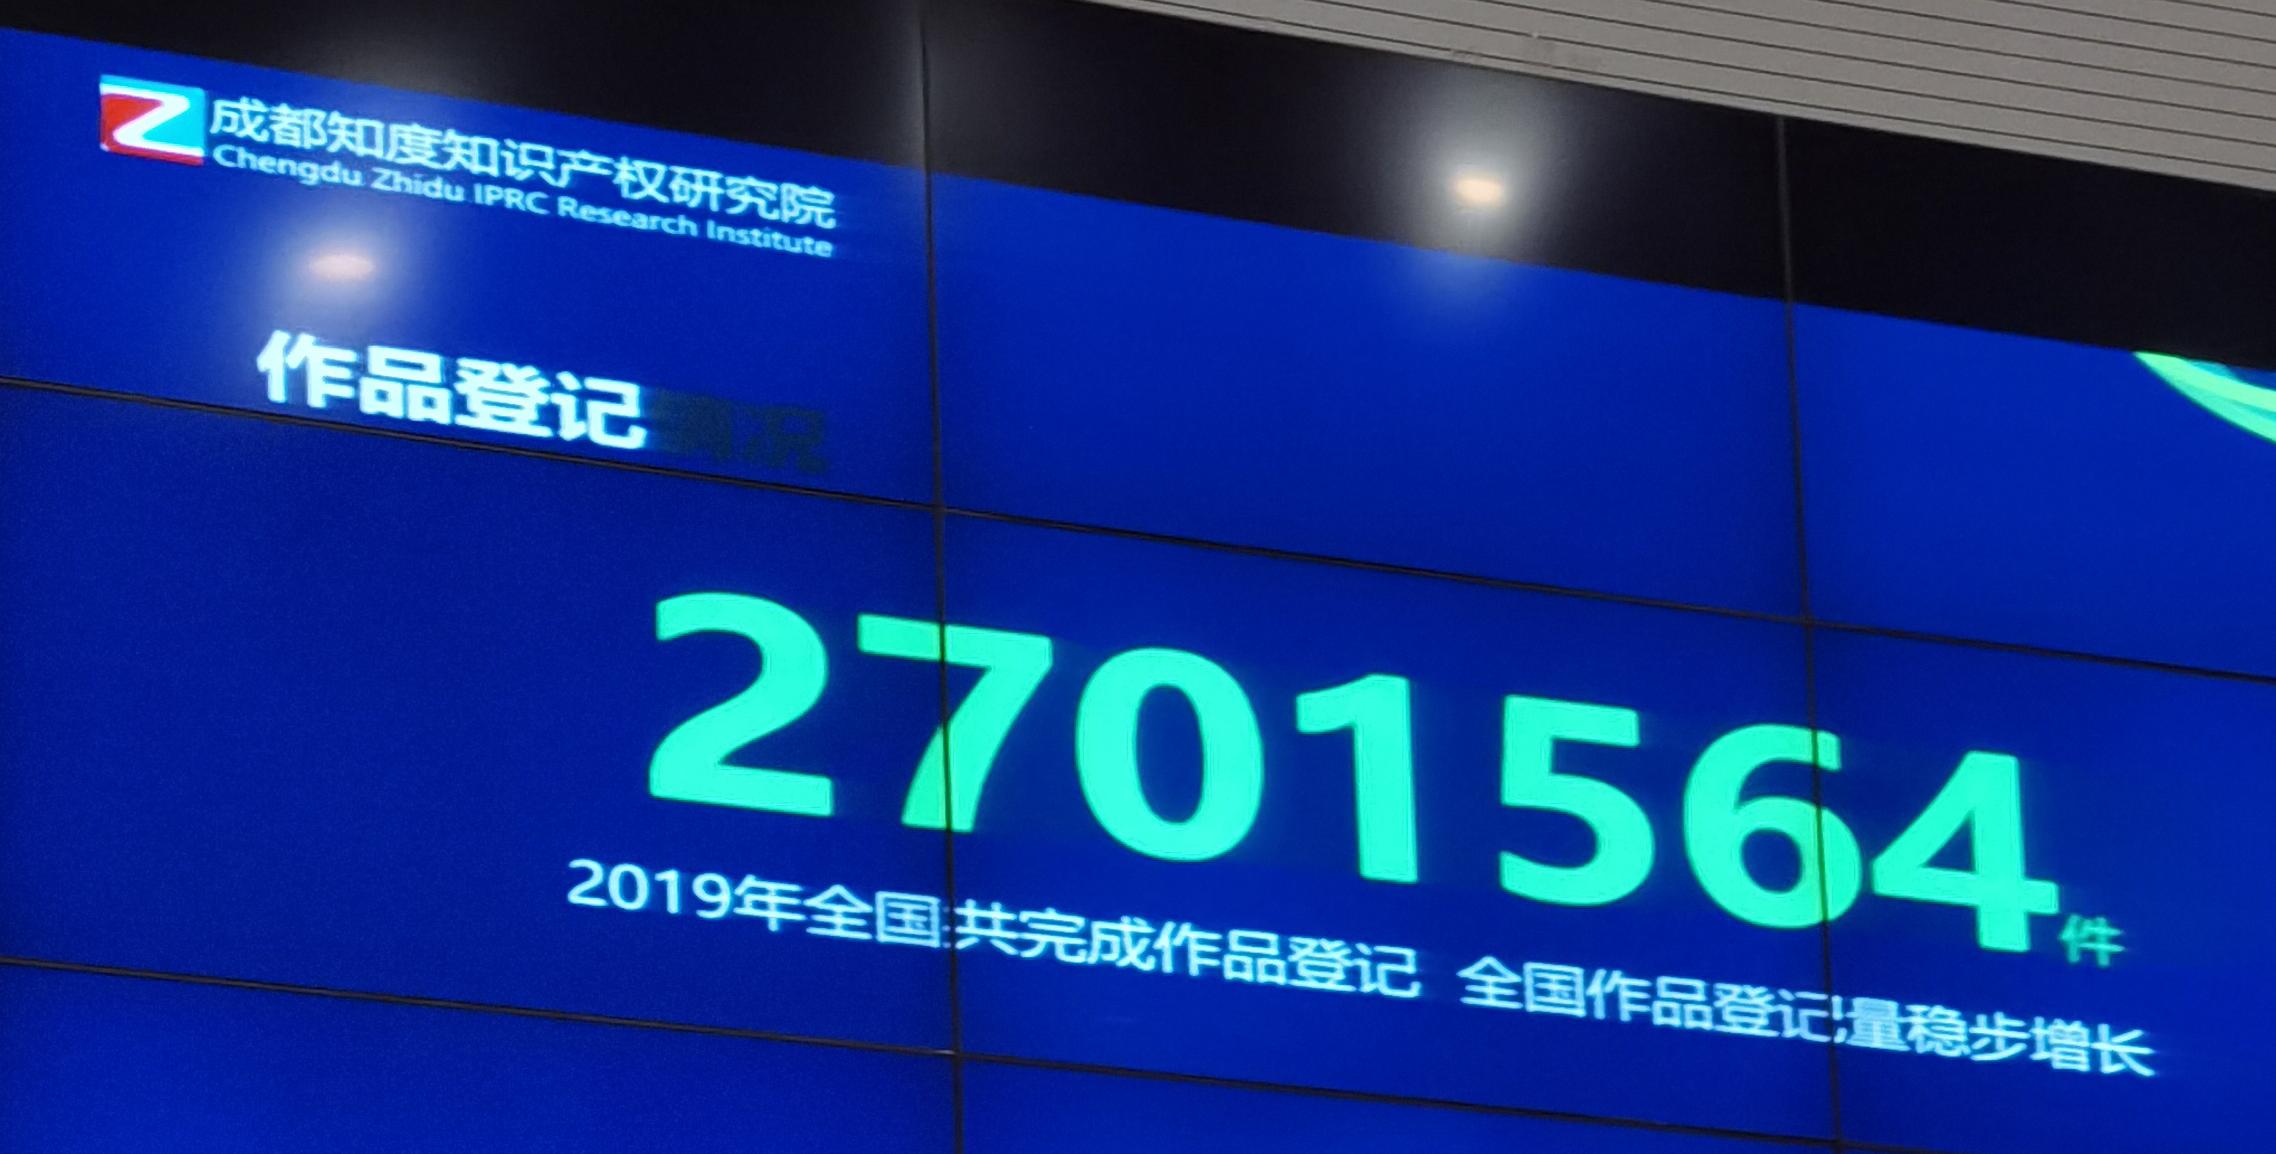 ba1b273f9c8adba80654590860e8561_看图王.png